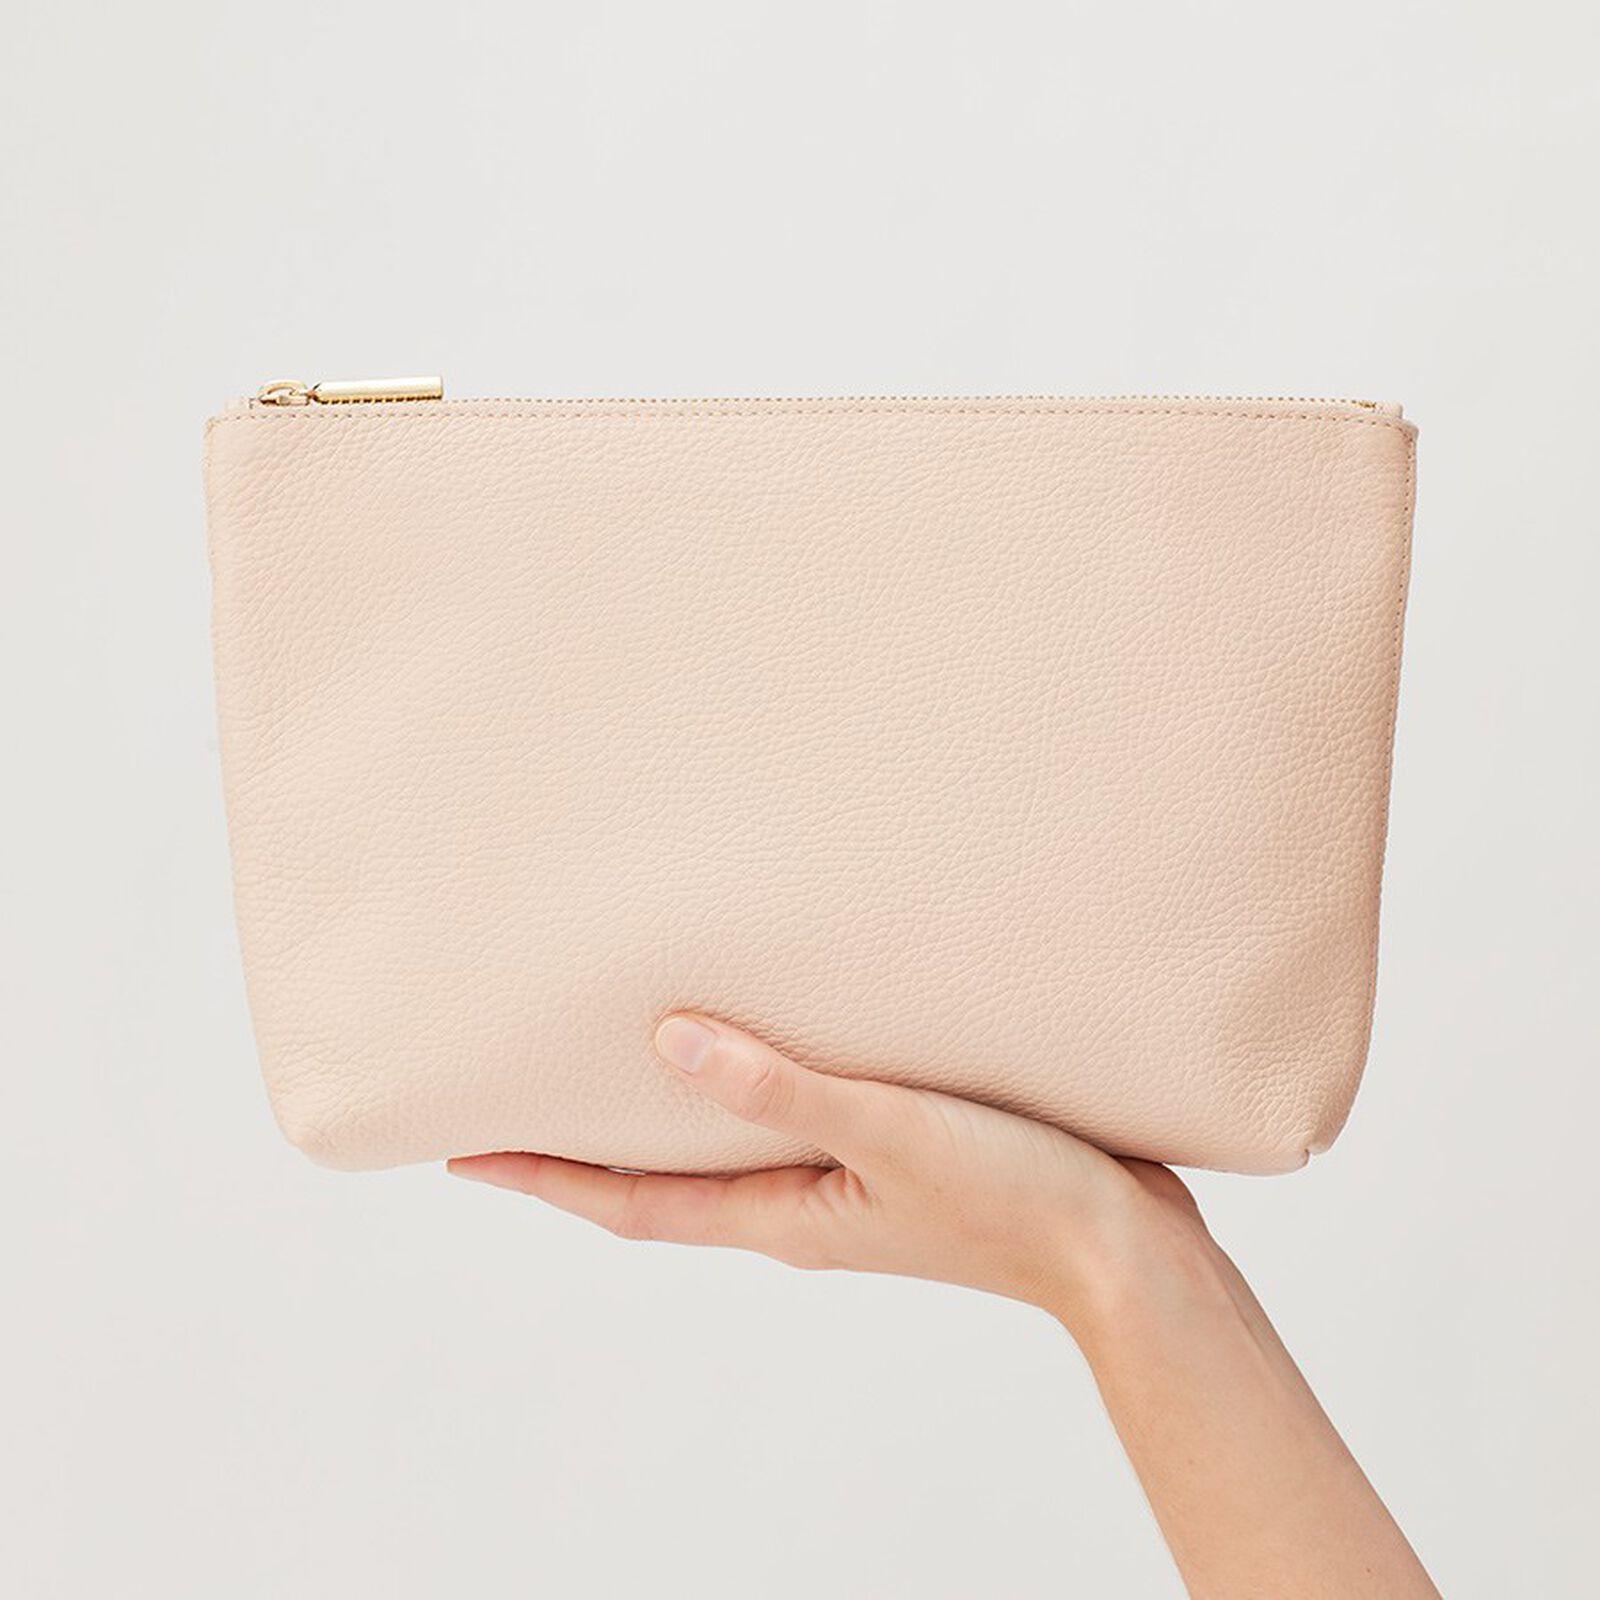 Medium zipper pouch